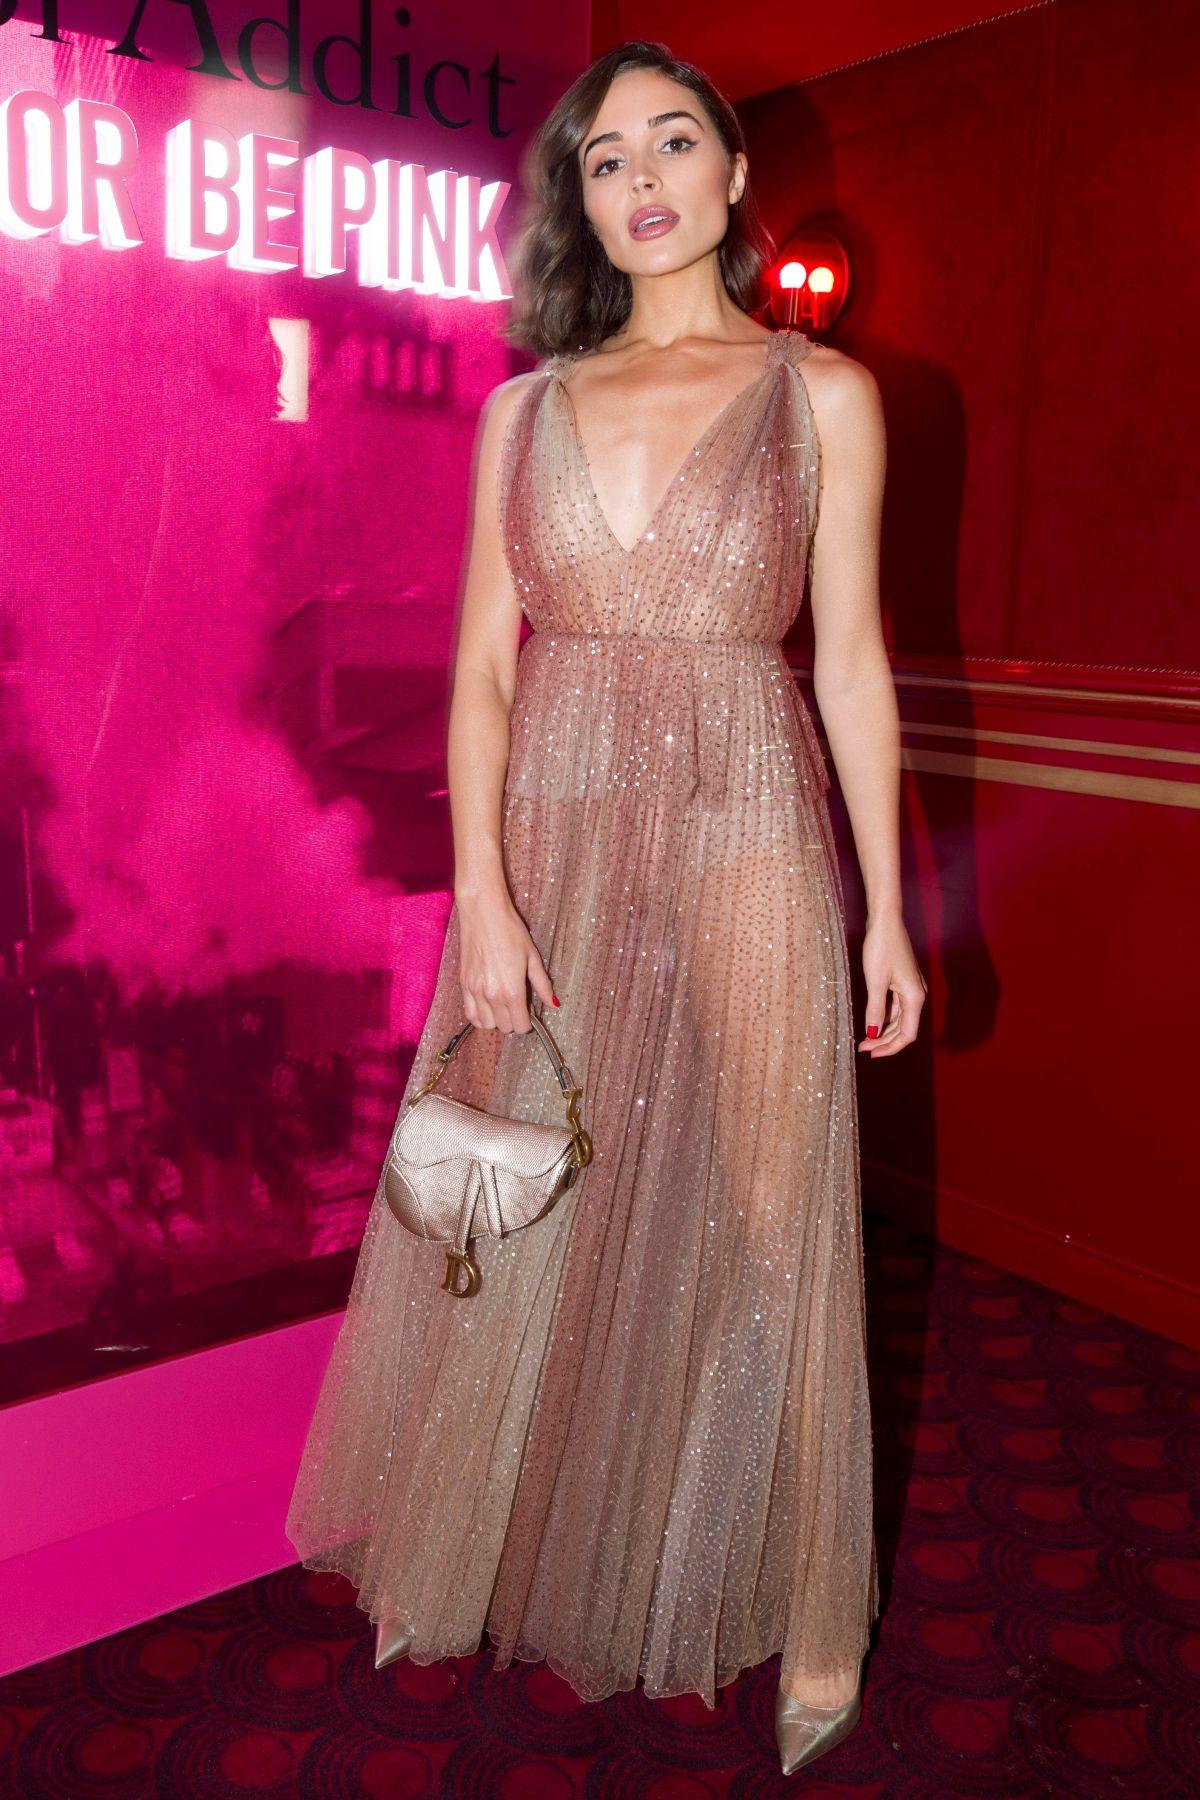 Olivia Culpo At Dior Addict Party At Paris Fashion Week 02 25 2019